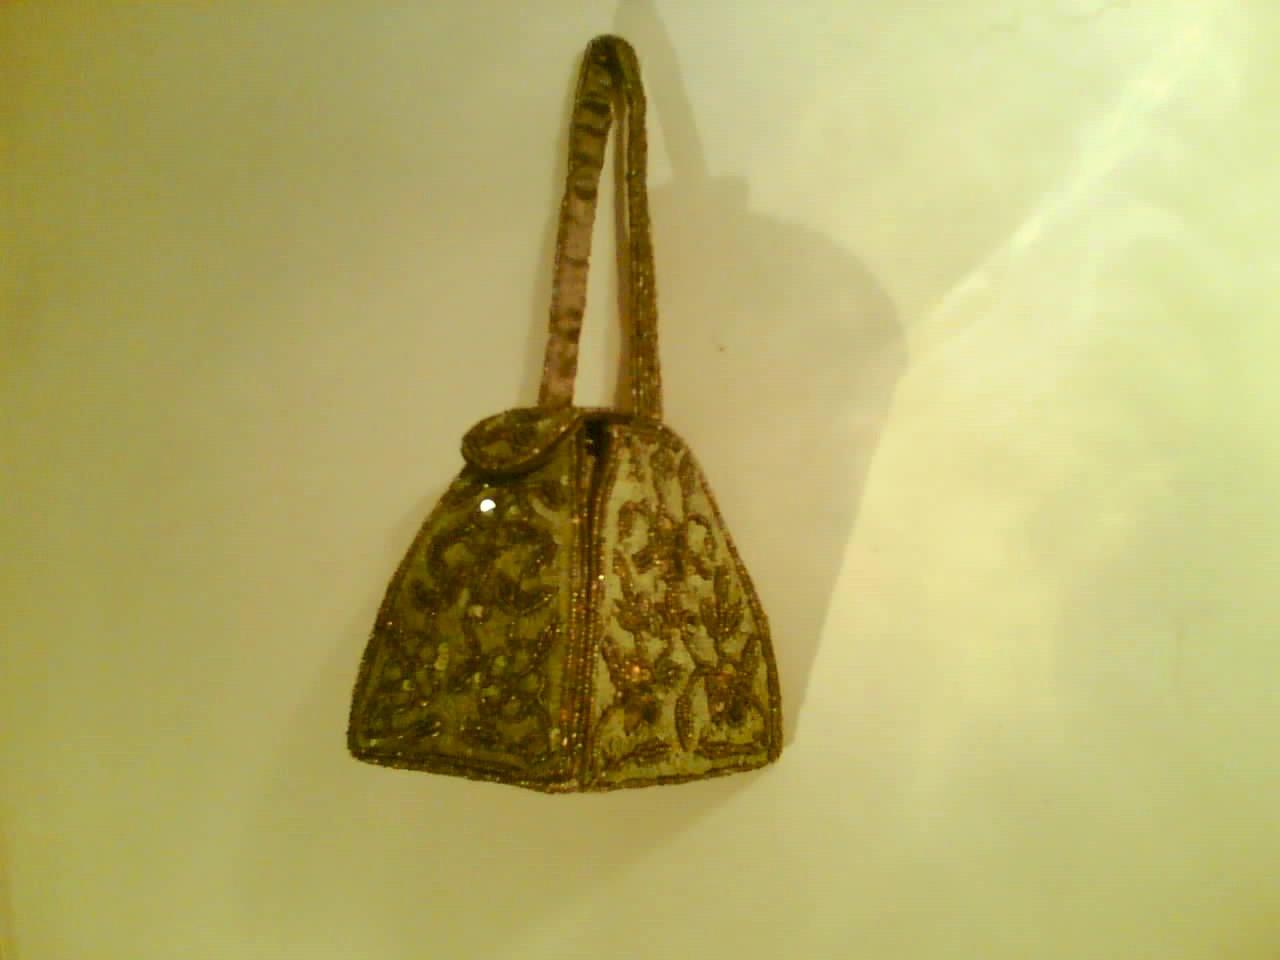 Fashion Jewellery And Bags (Mode Schmuck und Taschen)